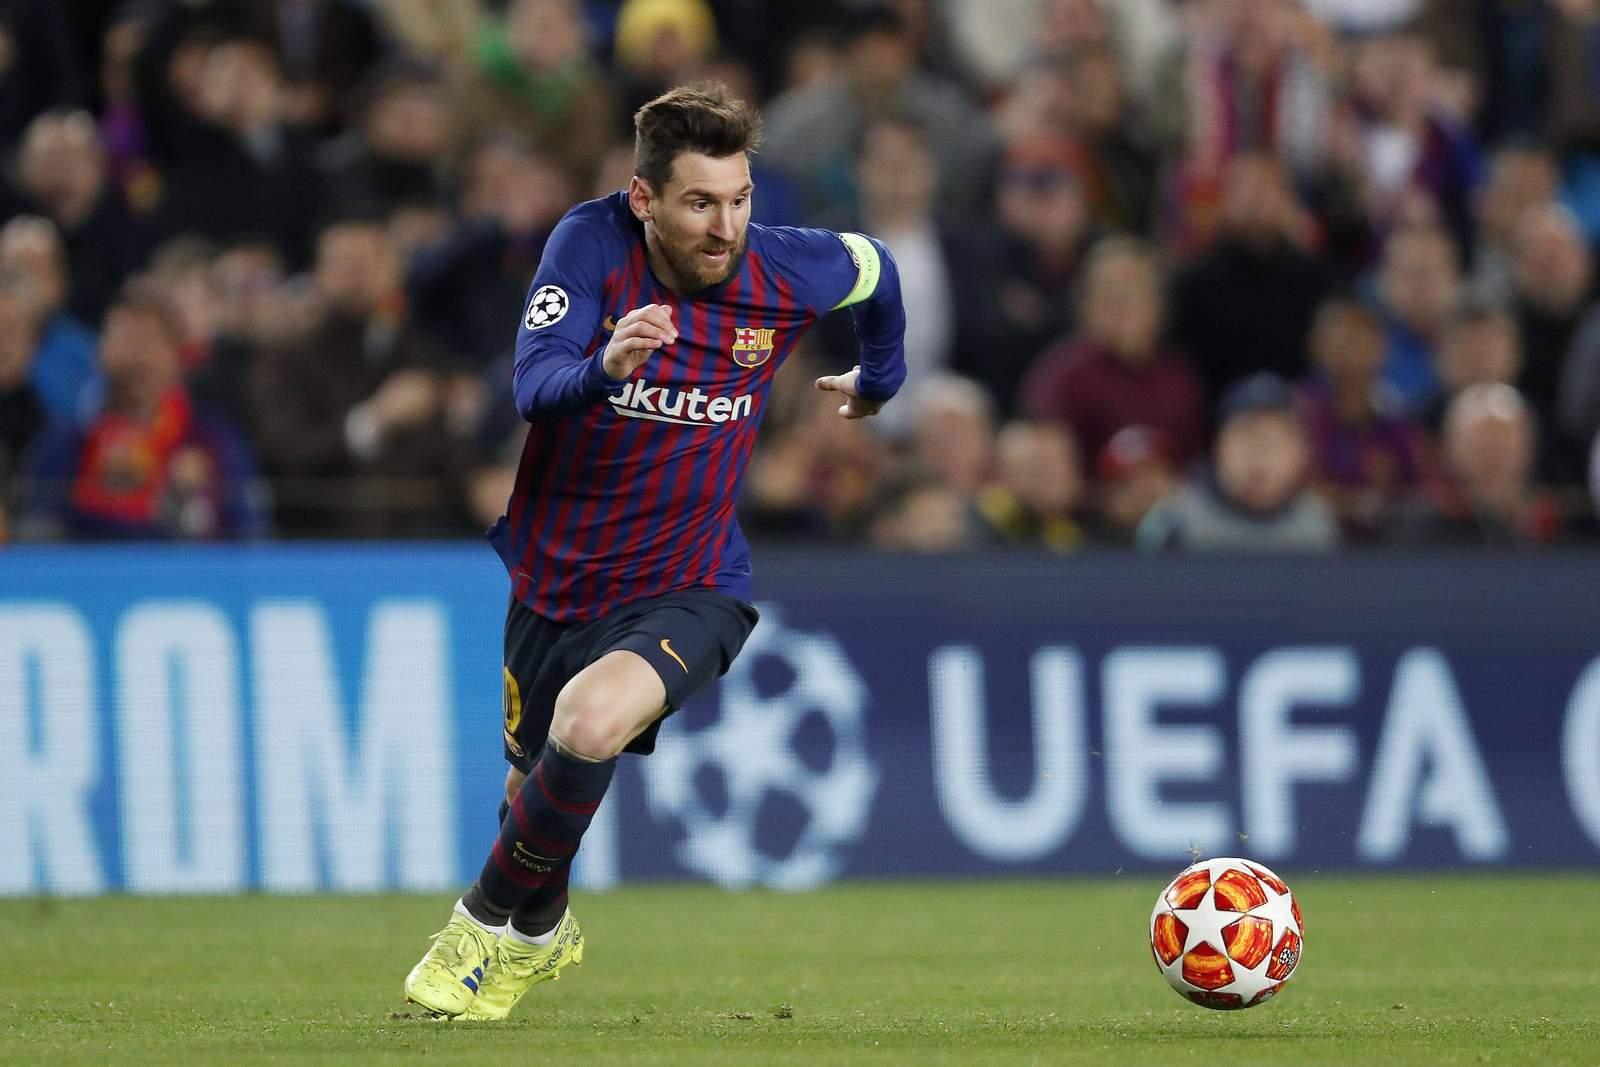 Trifft Lionel Messi auch gegen Manchester? Jetzt auf Manu gegen Barcelona wetten!